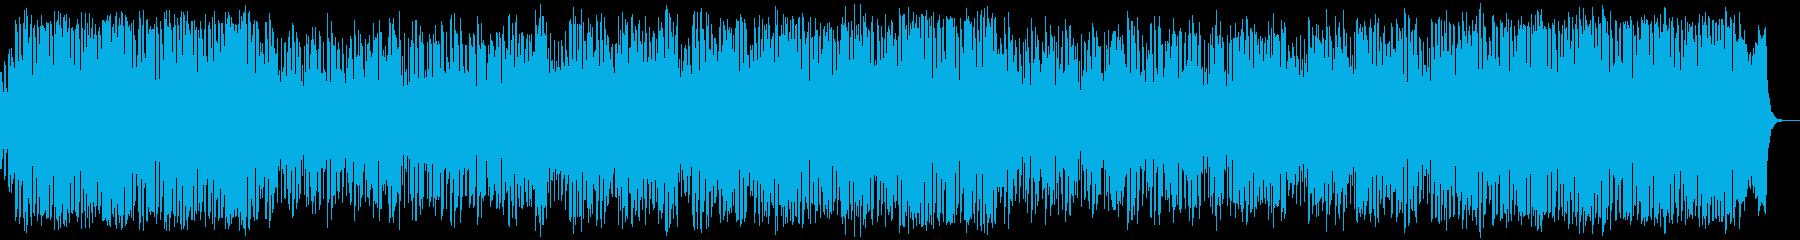 楽しい・スカ・ワクワク・ドッキリの再生済みの波形